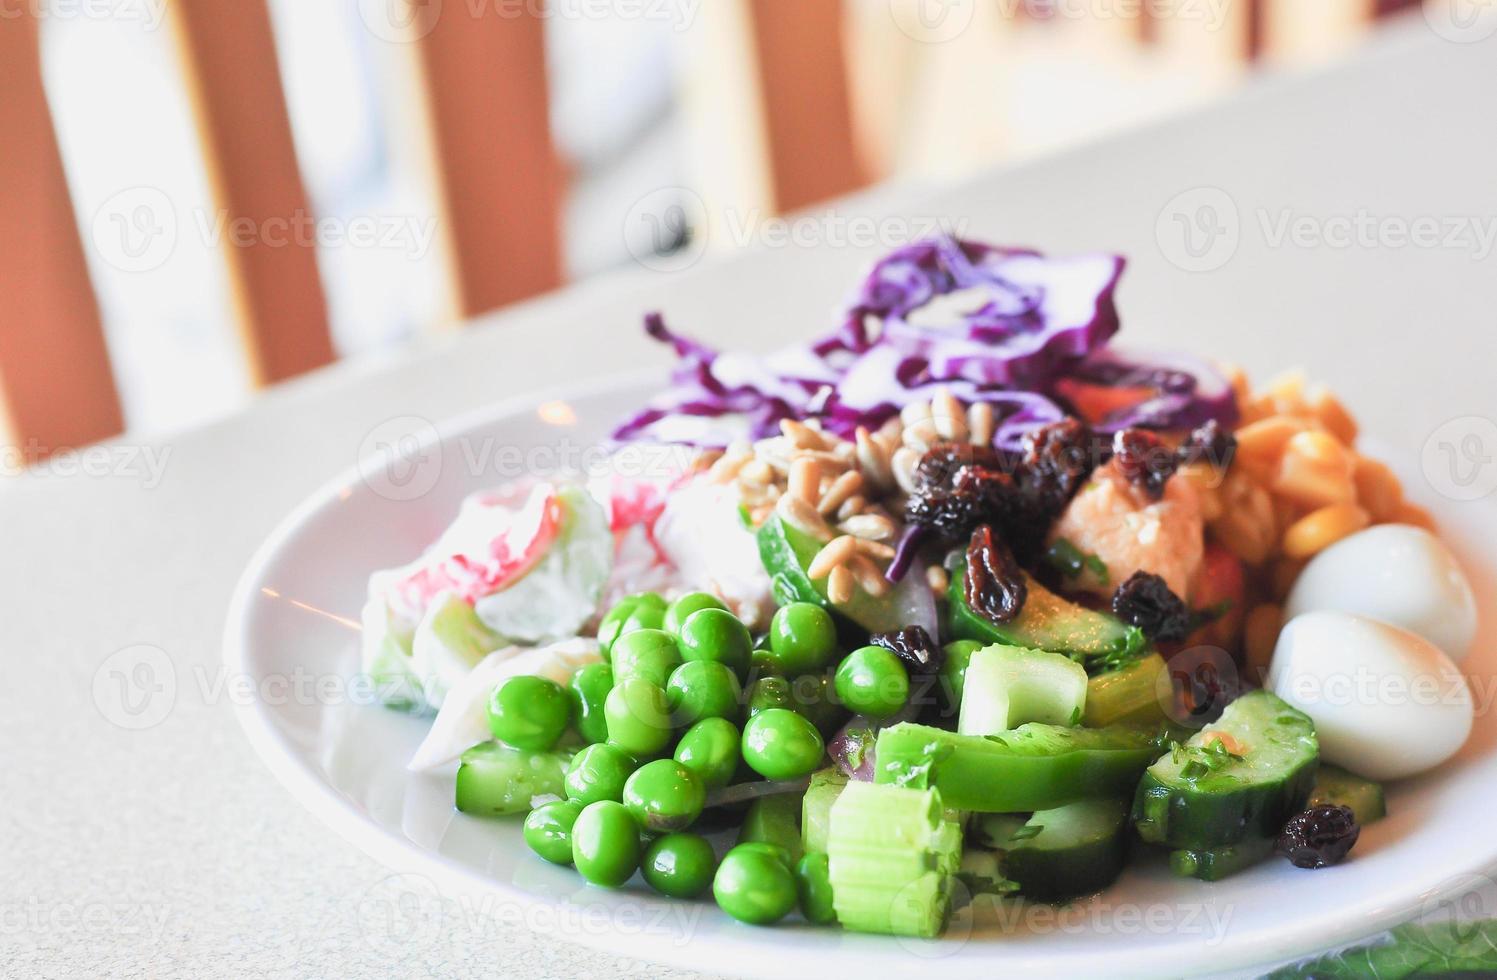 frischer Gemüsesalat auf weißer Scheibe, Nahaufnahme foto